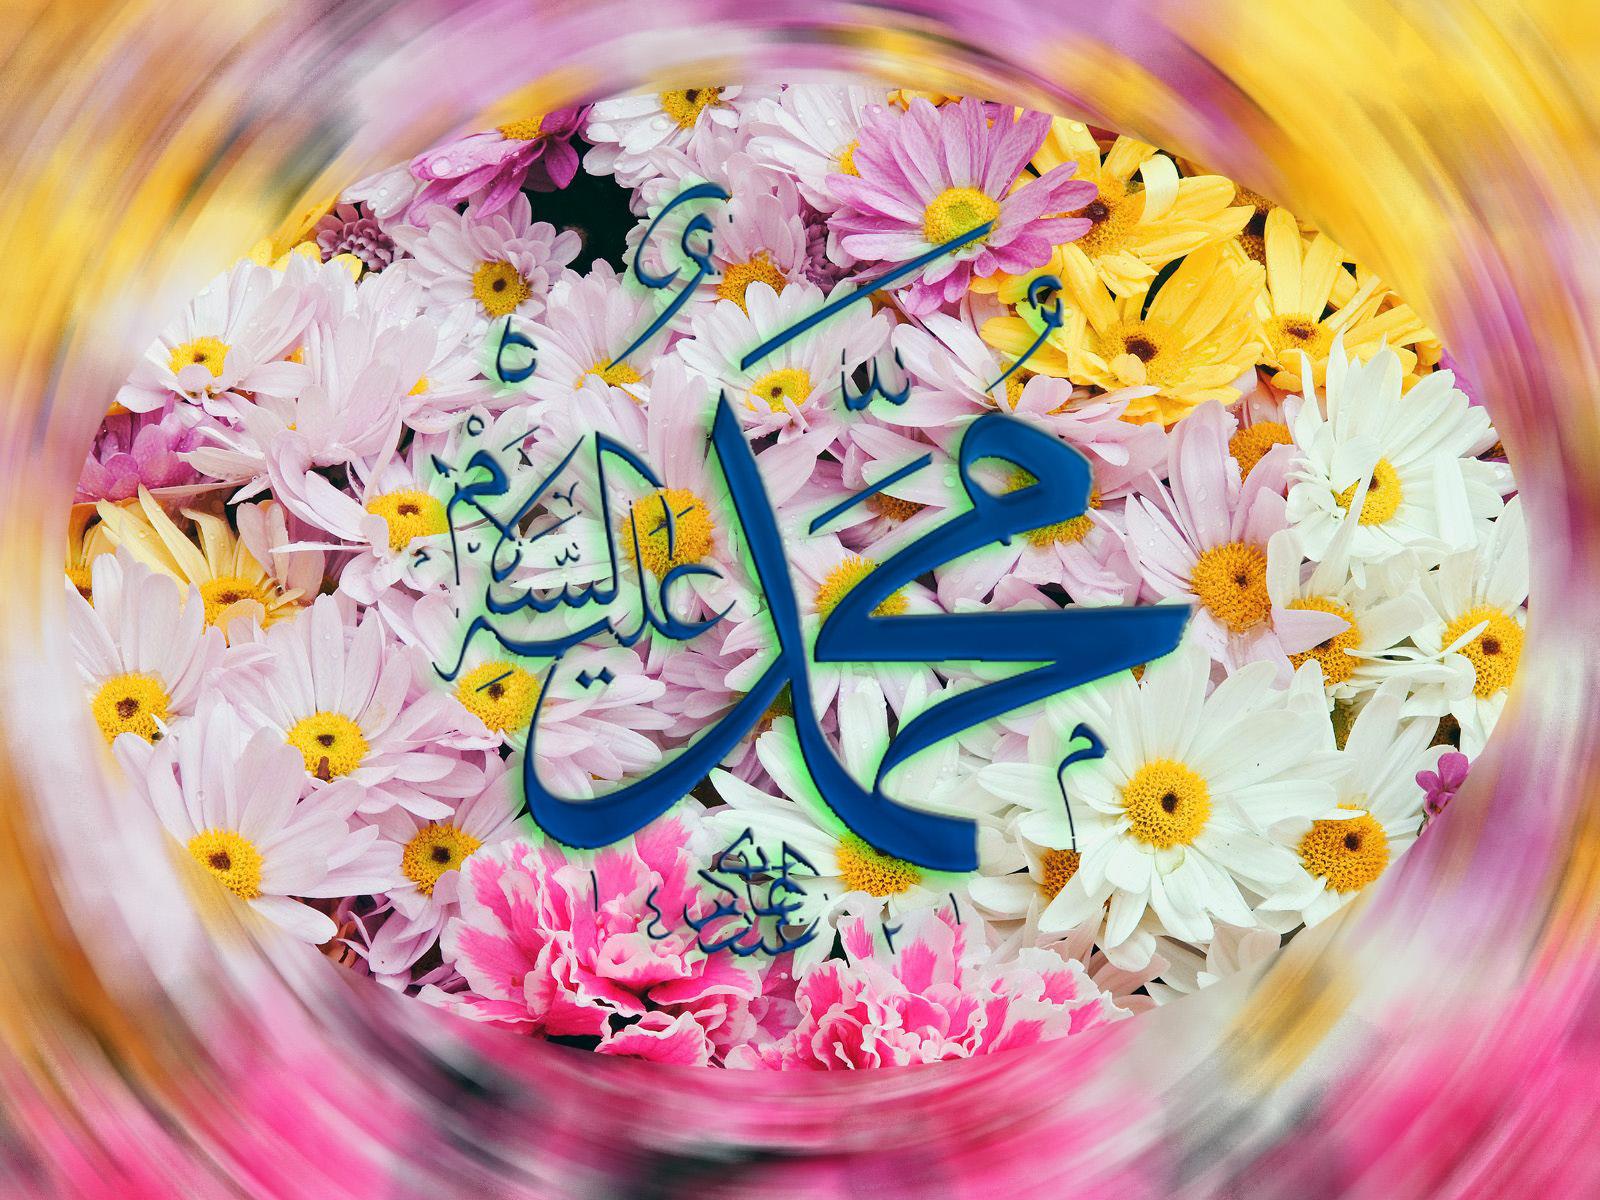 http://1.bp.blogspot.com/_GtN5NslLggw/S7_t92moCSI/AAAAAAAAA_U/CwKHO6t72VY/s1600/Muhammad+Rasulullah.jpg